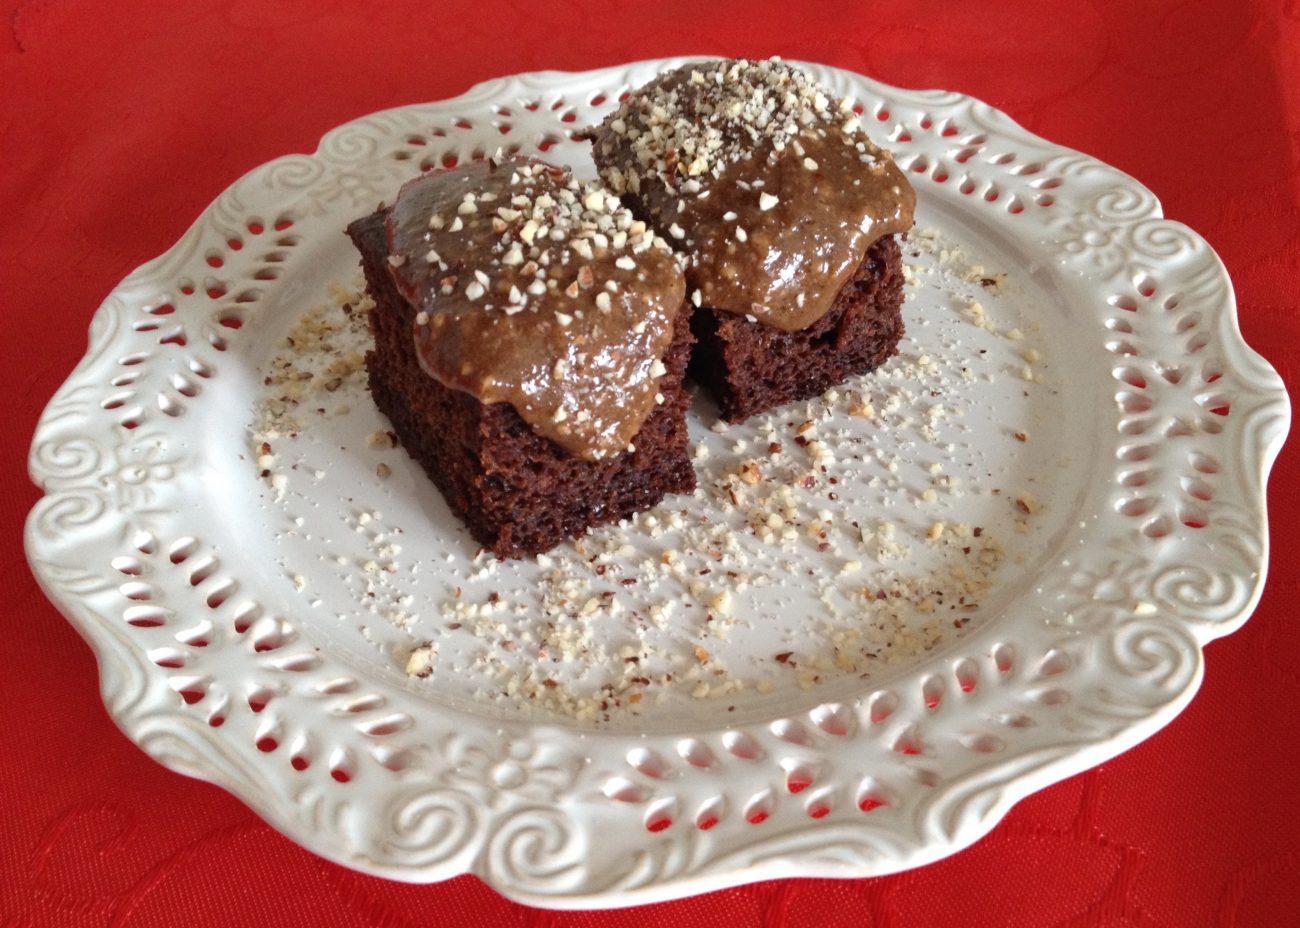 Κέικ ή muffins μπανάνας με γλάσο φουχάτας